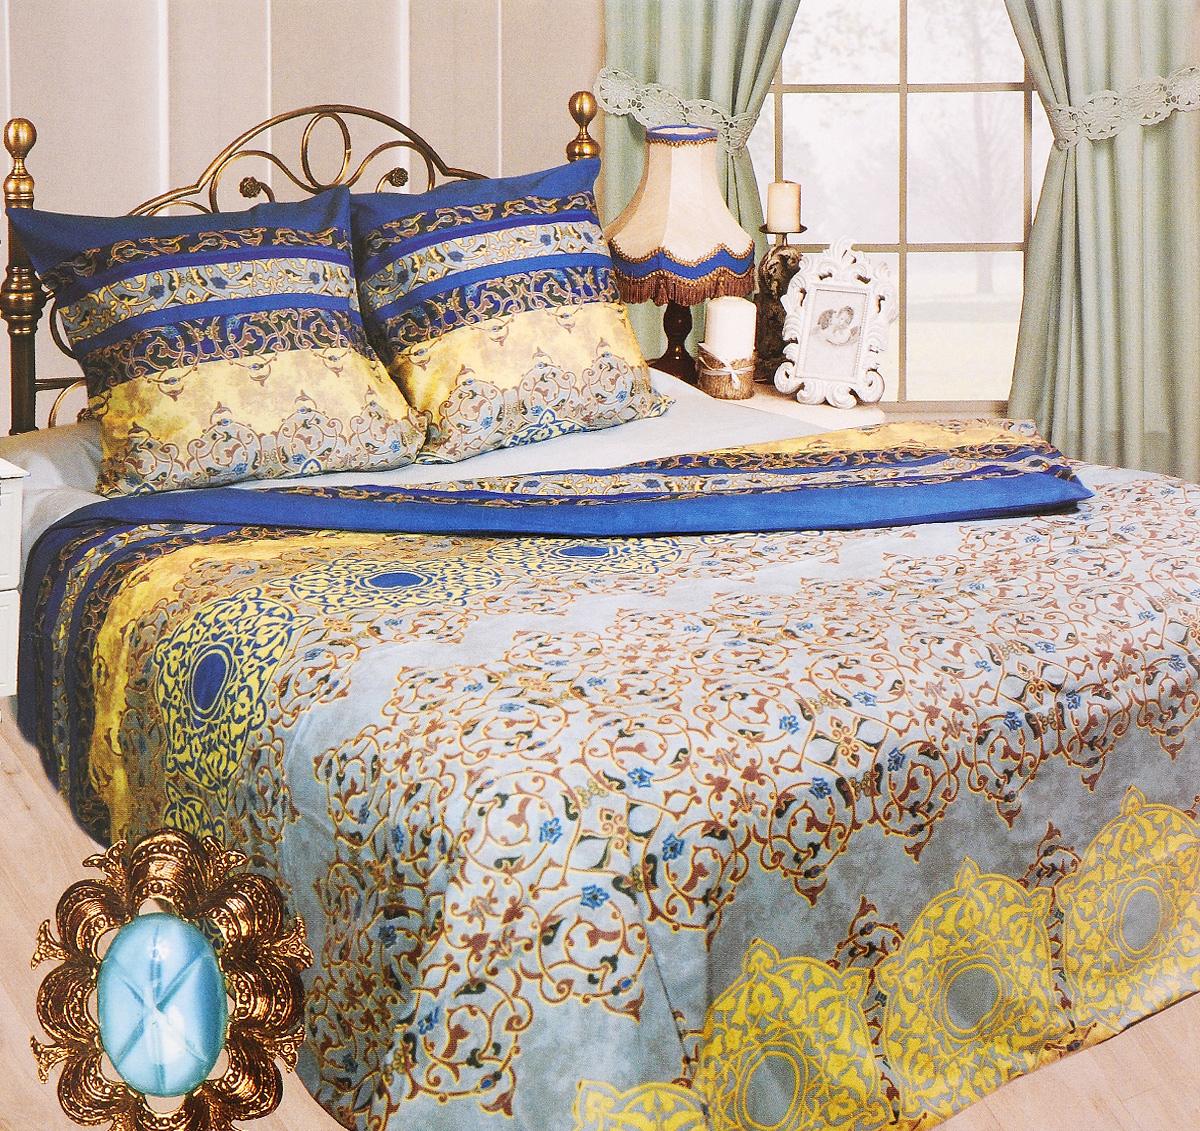 Комплект белья Sova & Javoronok Марракеш, евро, наволочки 70х70, цвет: голубой, синий, бежевый2030115098Комплект постельного белья Sova & Javoronok Марракеш является экологически безопасным для всей семьи, так как выполнен из бязи (100% натурального хлопка). Комплект состоит из пододеяльника, простыни и двух наволочек. Предметы комплекта оформлены изящным узором. Бязь - хлопчатобумажная ткань полотняного переплетения без искусственных добавок. Большое количество нитей делает эту ткань более плотной, более долговечной. Высокая плотность ткани позволяет сохранить форму изделия, его первоначальные размеры и первозданный рисунок. Легко стирается и хорошо гладится.